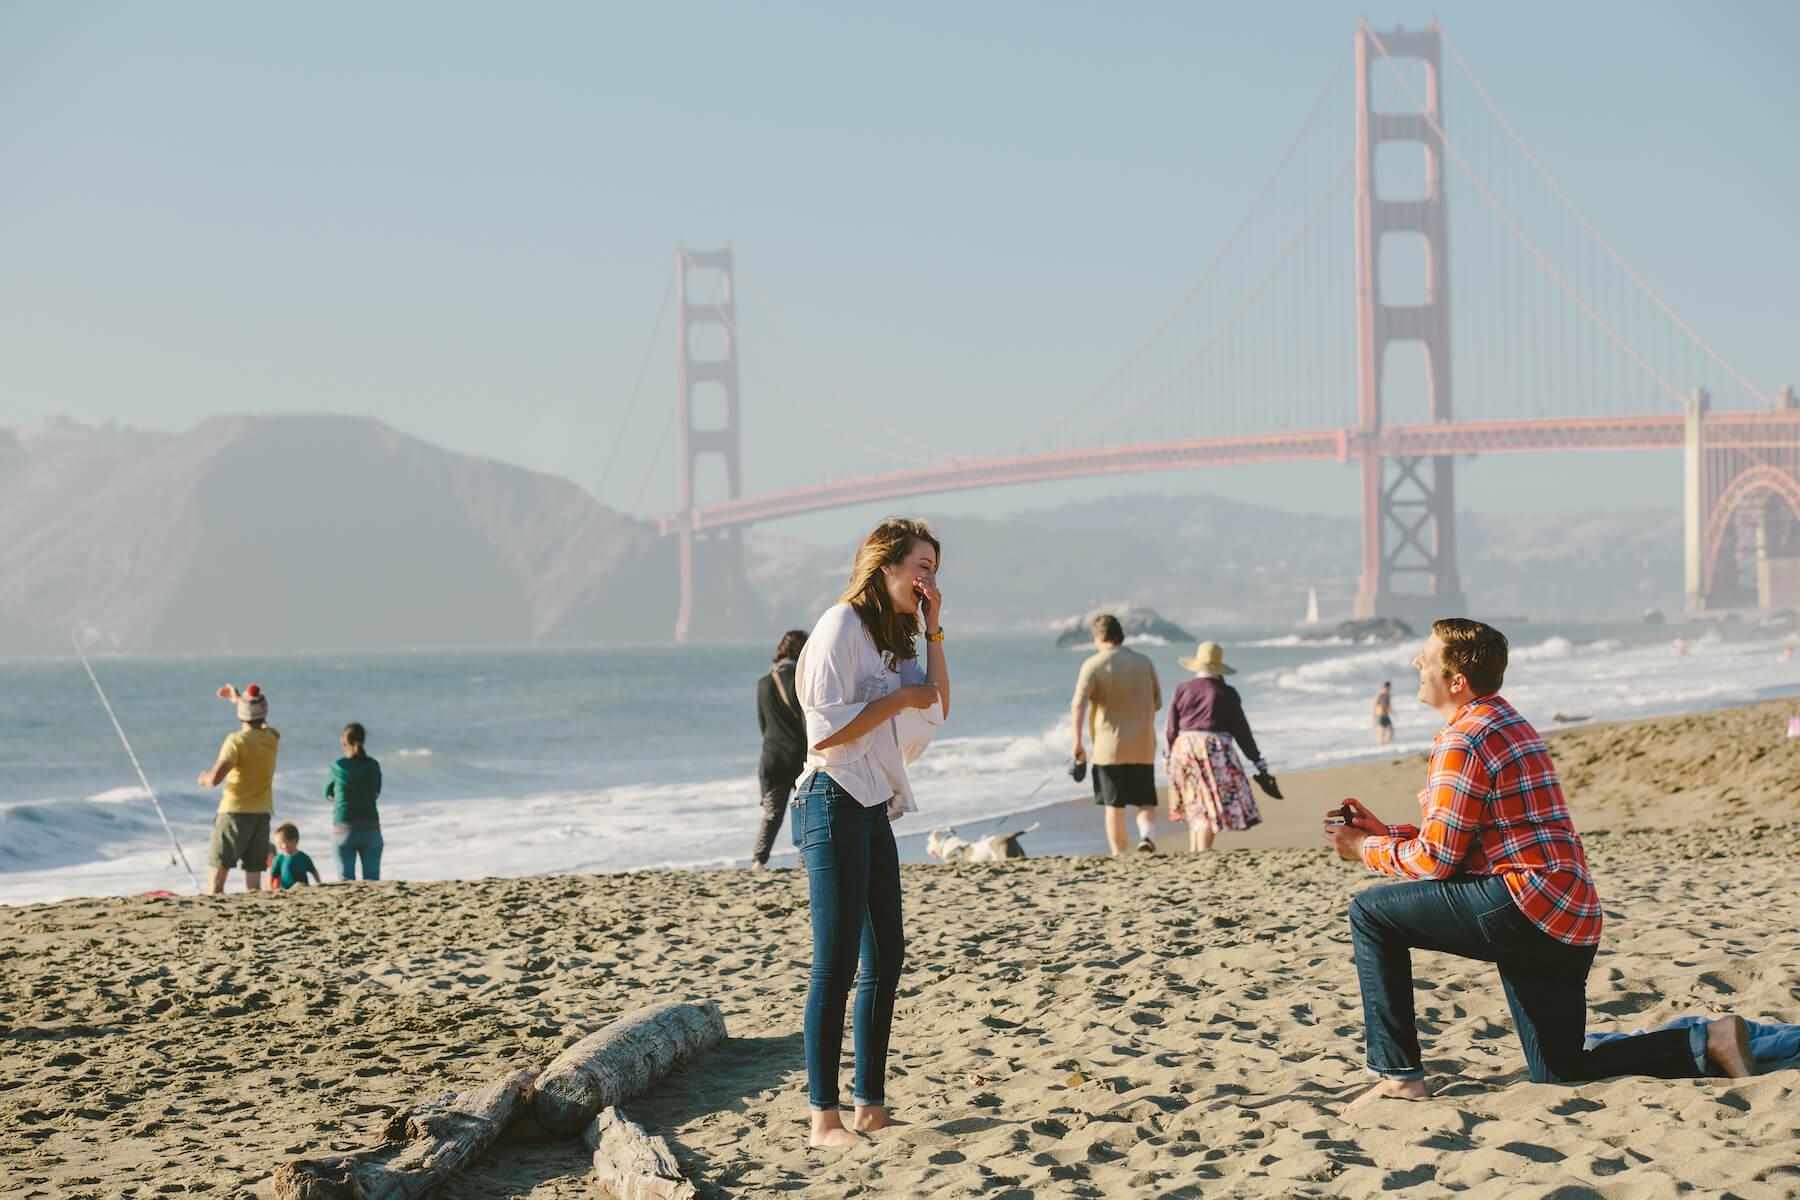 Man proposing to his partner on a beach in San Francisco, California, USA